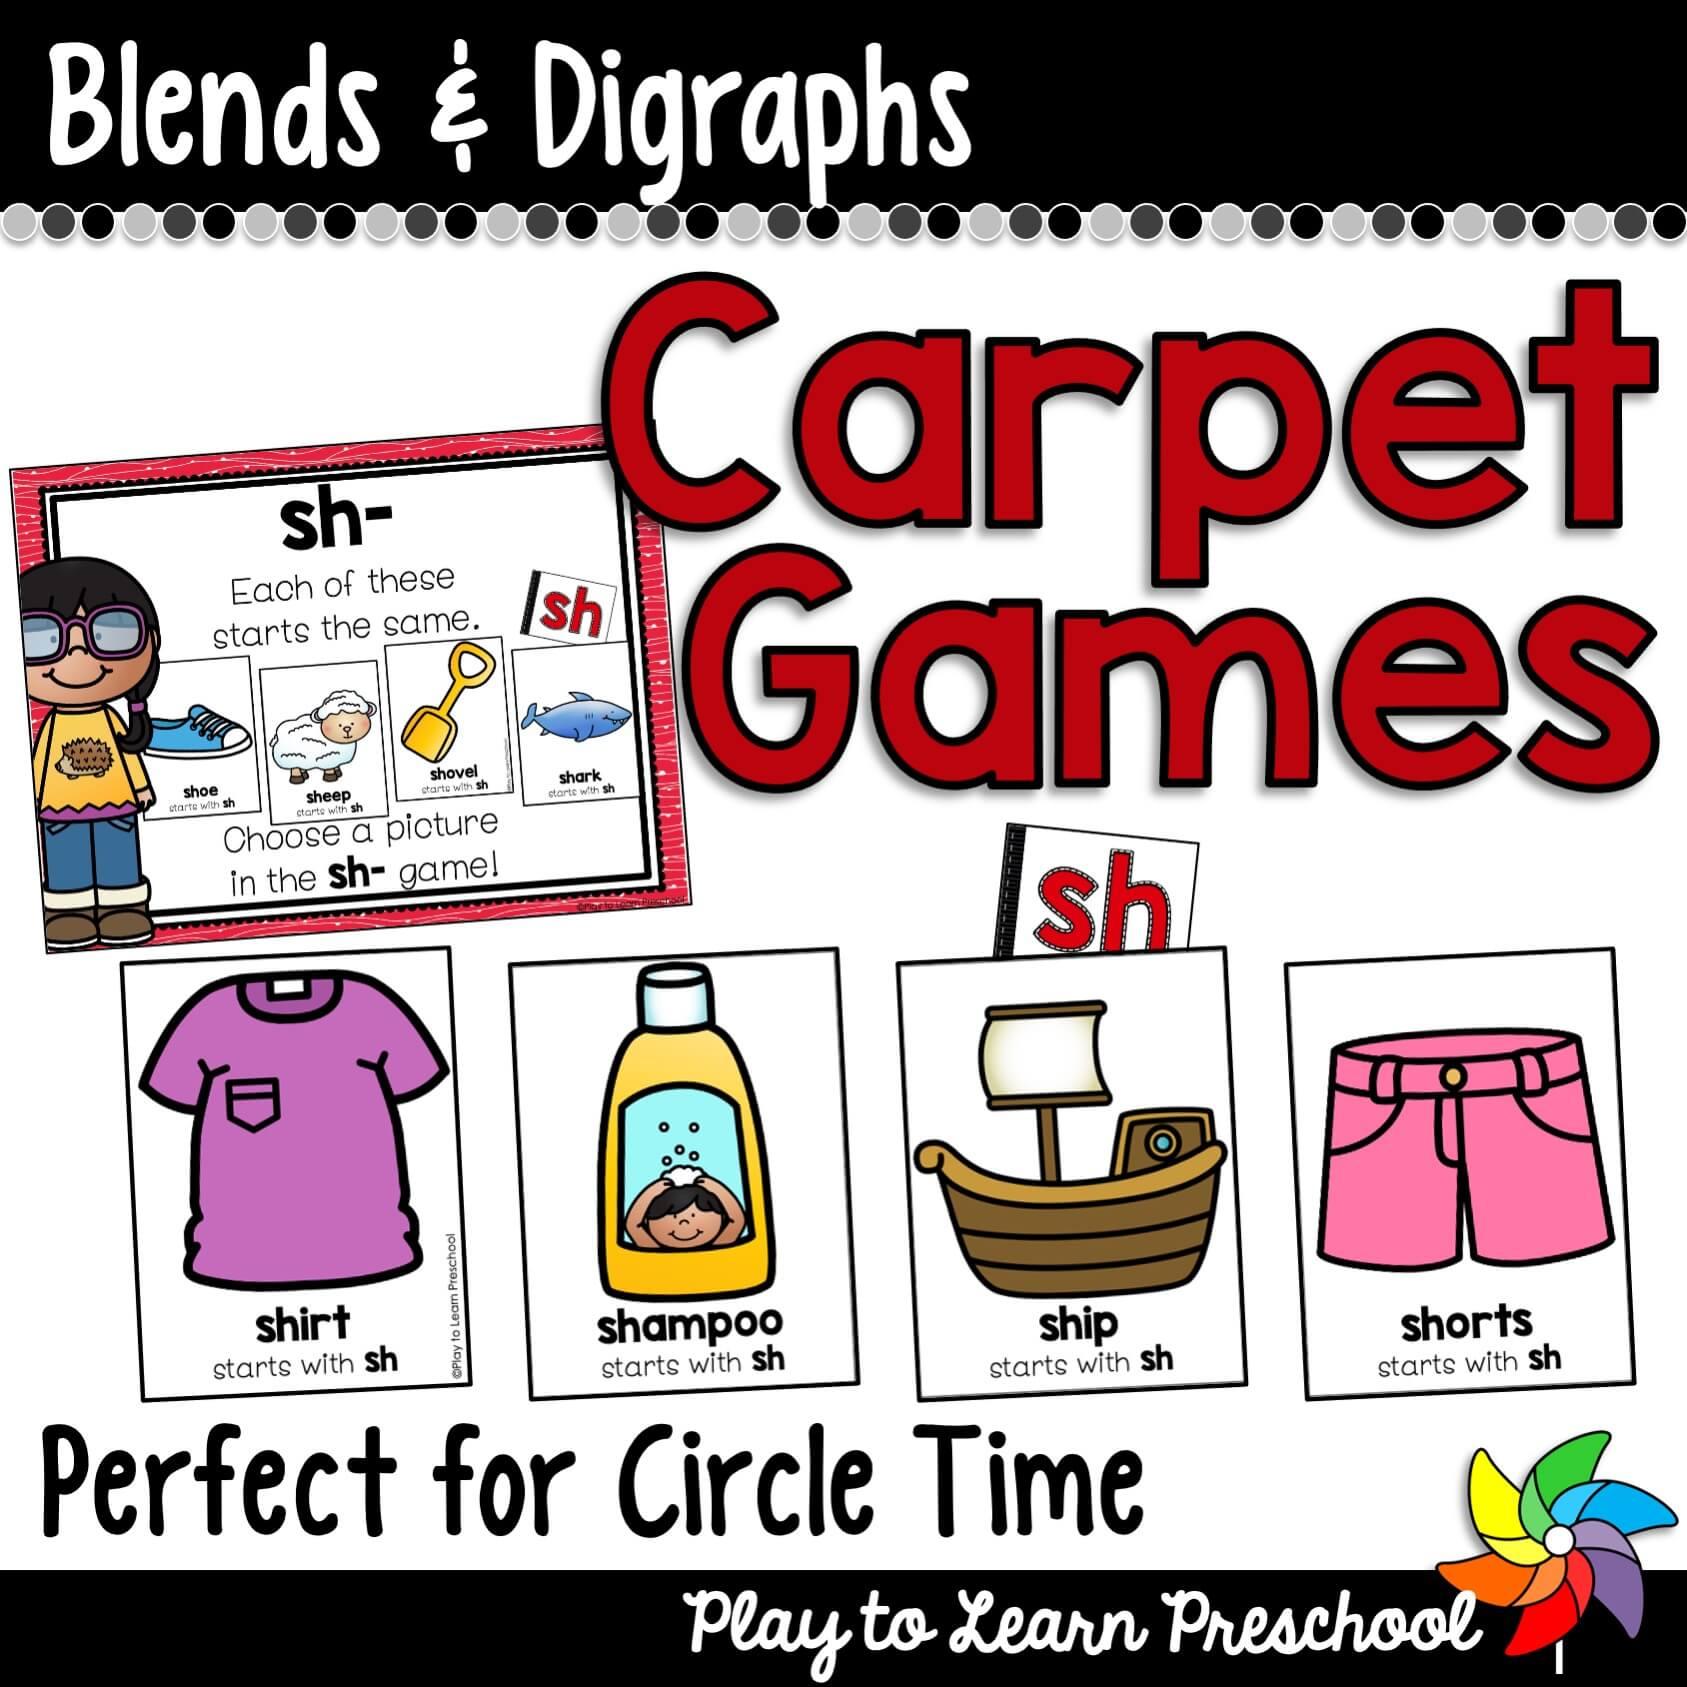 Blends _ Digraphs Carpet Games